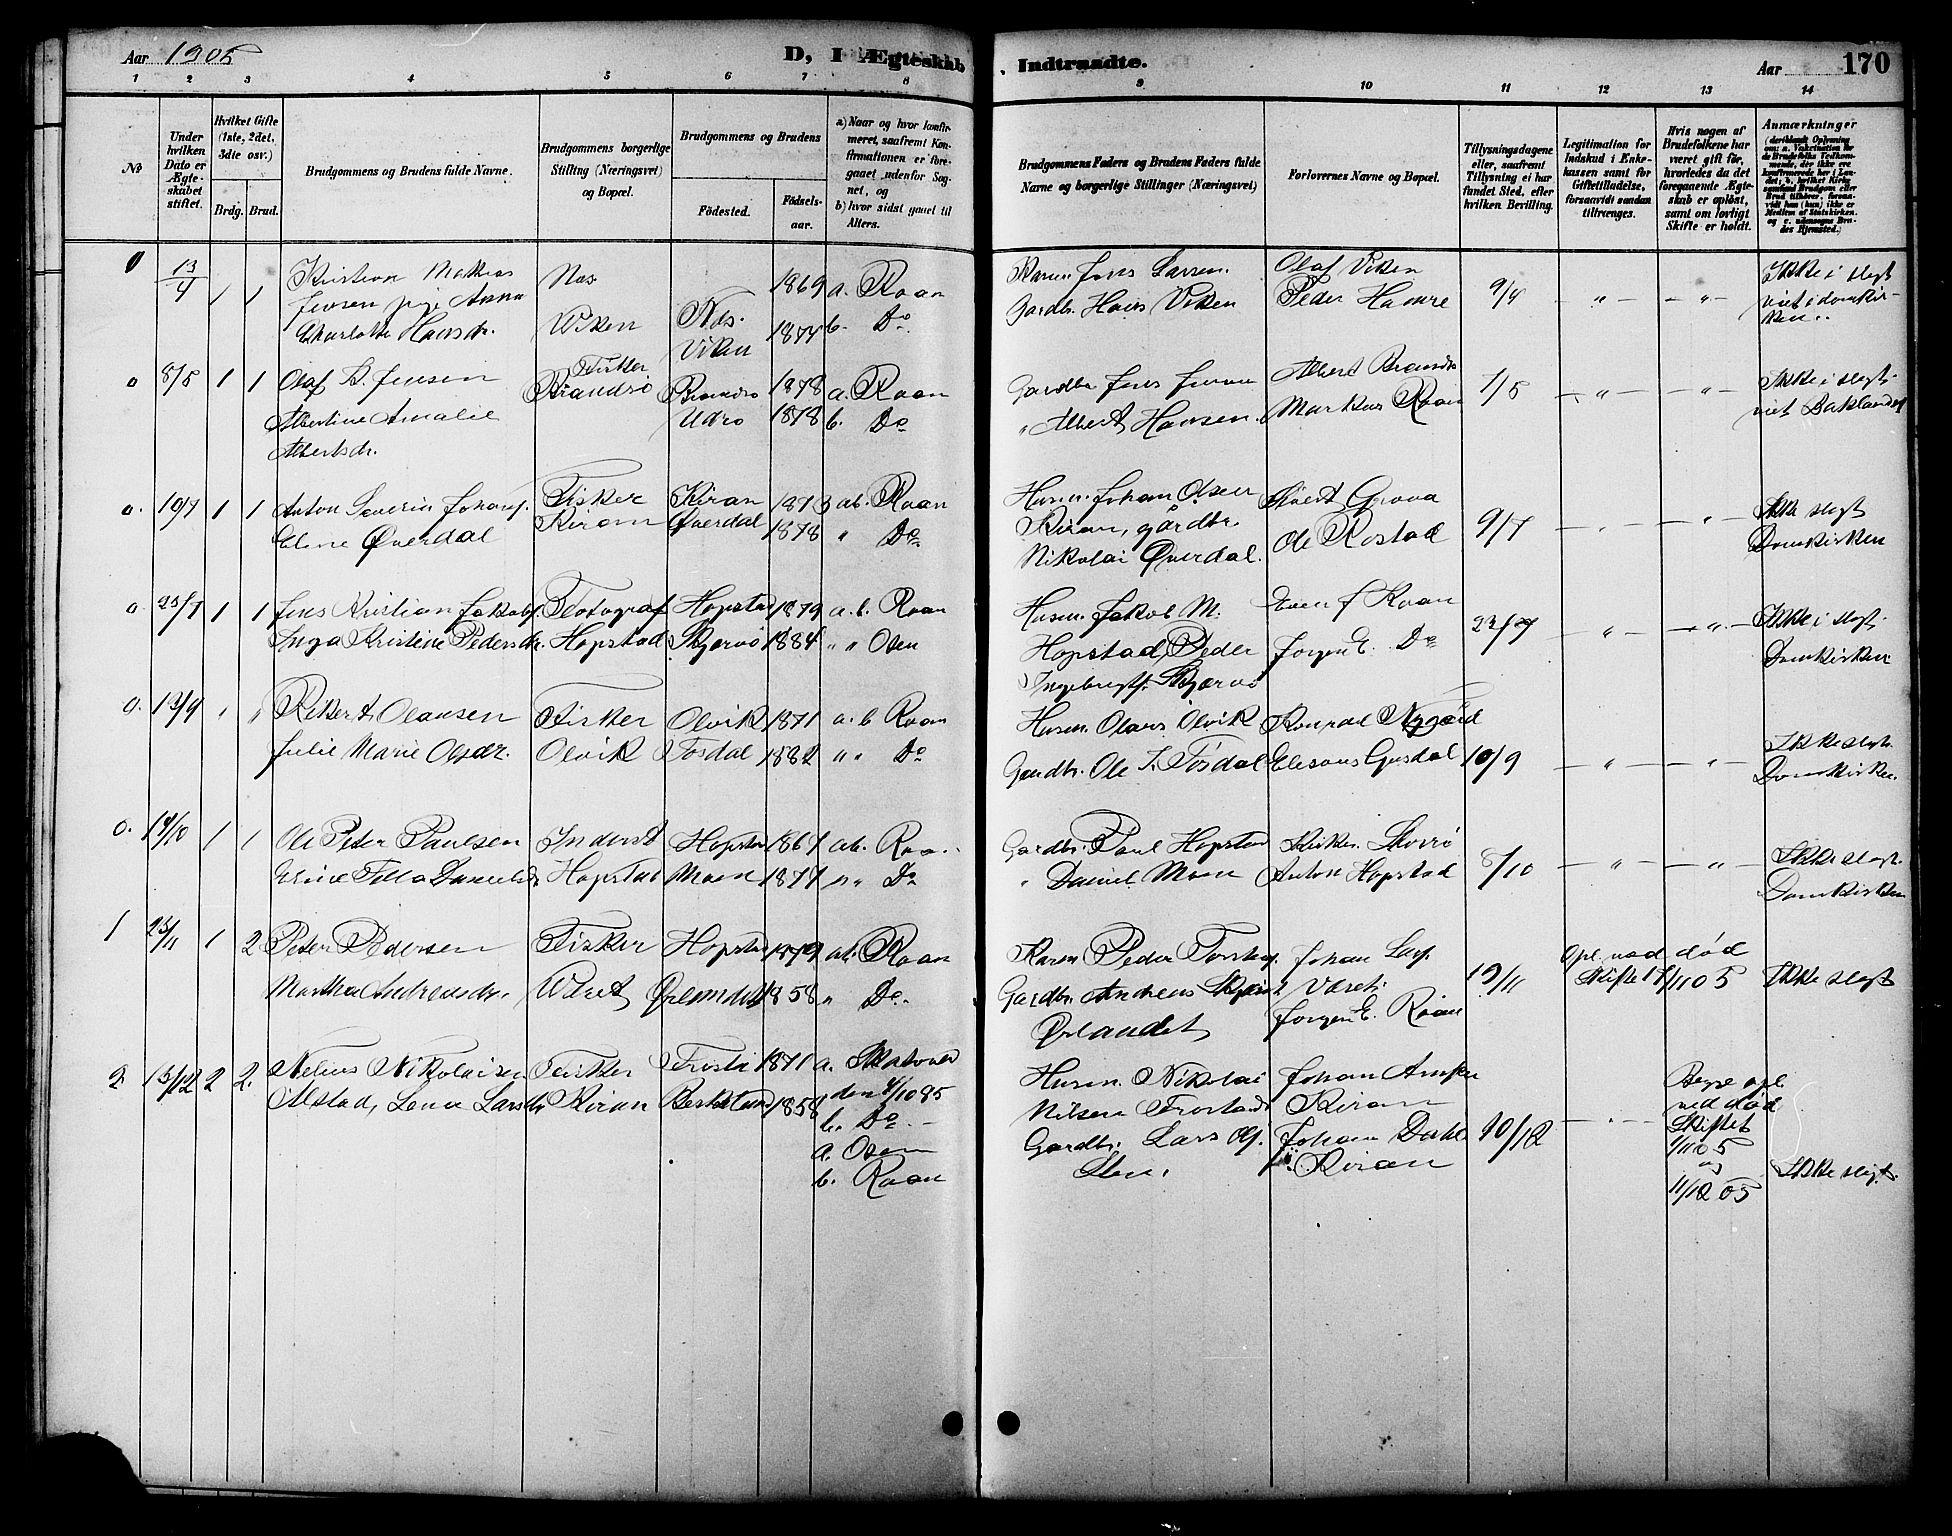 SAT, Ministerialprotokoller, klokkerbøker og fødselsregistre - Sør-Trøndelag, 657/L0716: Klokkerbok nr. 657C03, 1889-1904, s. 170